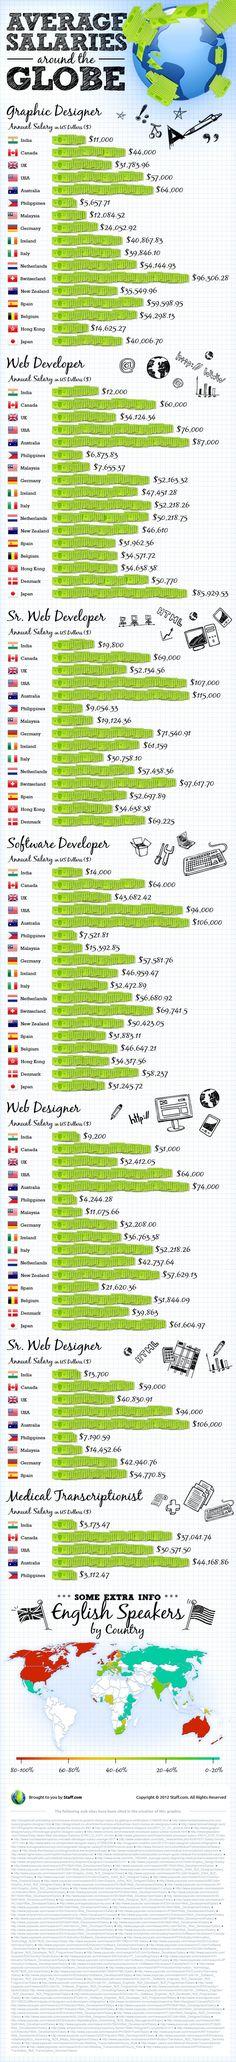 Average salaries around the world